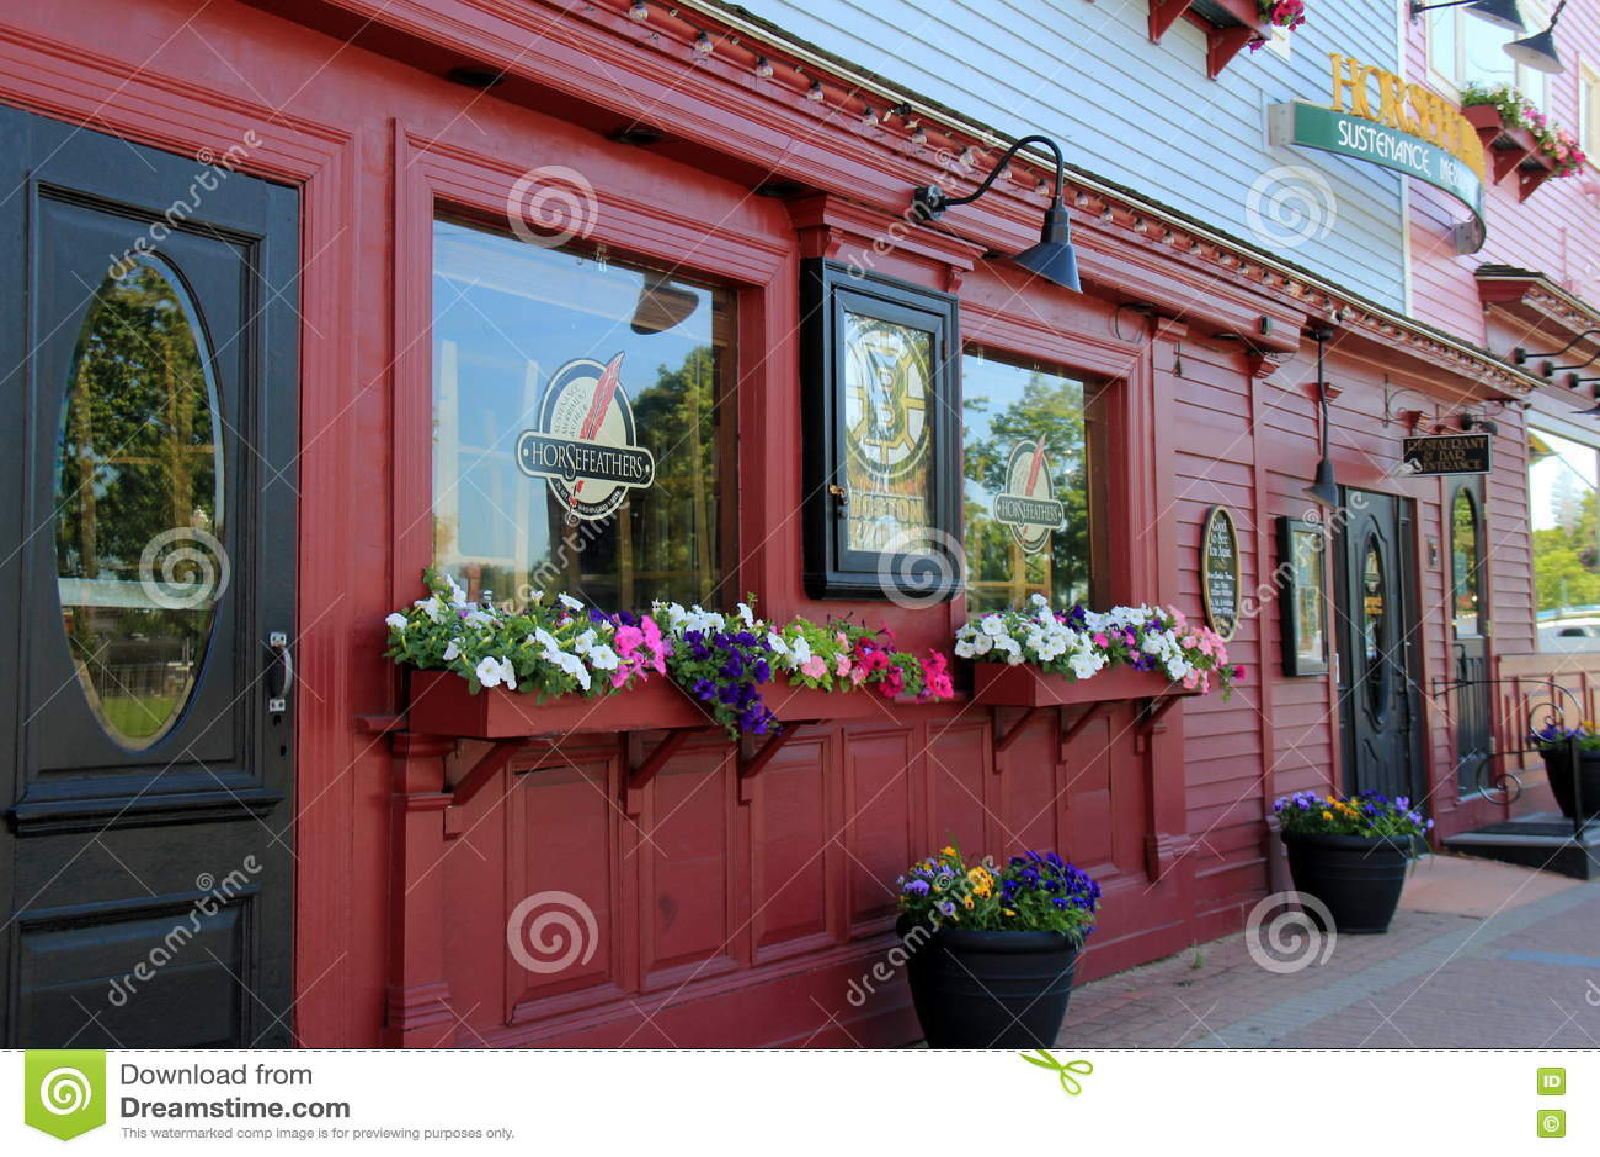 Привлекательные красные и черные внешние витрины магазина, с приветствующими знаками прийти внутри, ресторан Horsefeathers, север